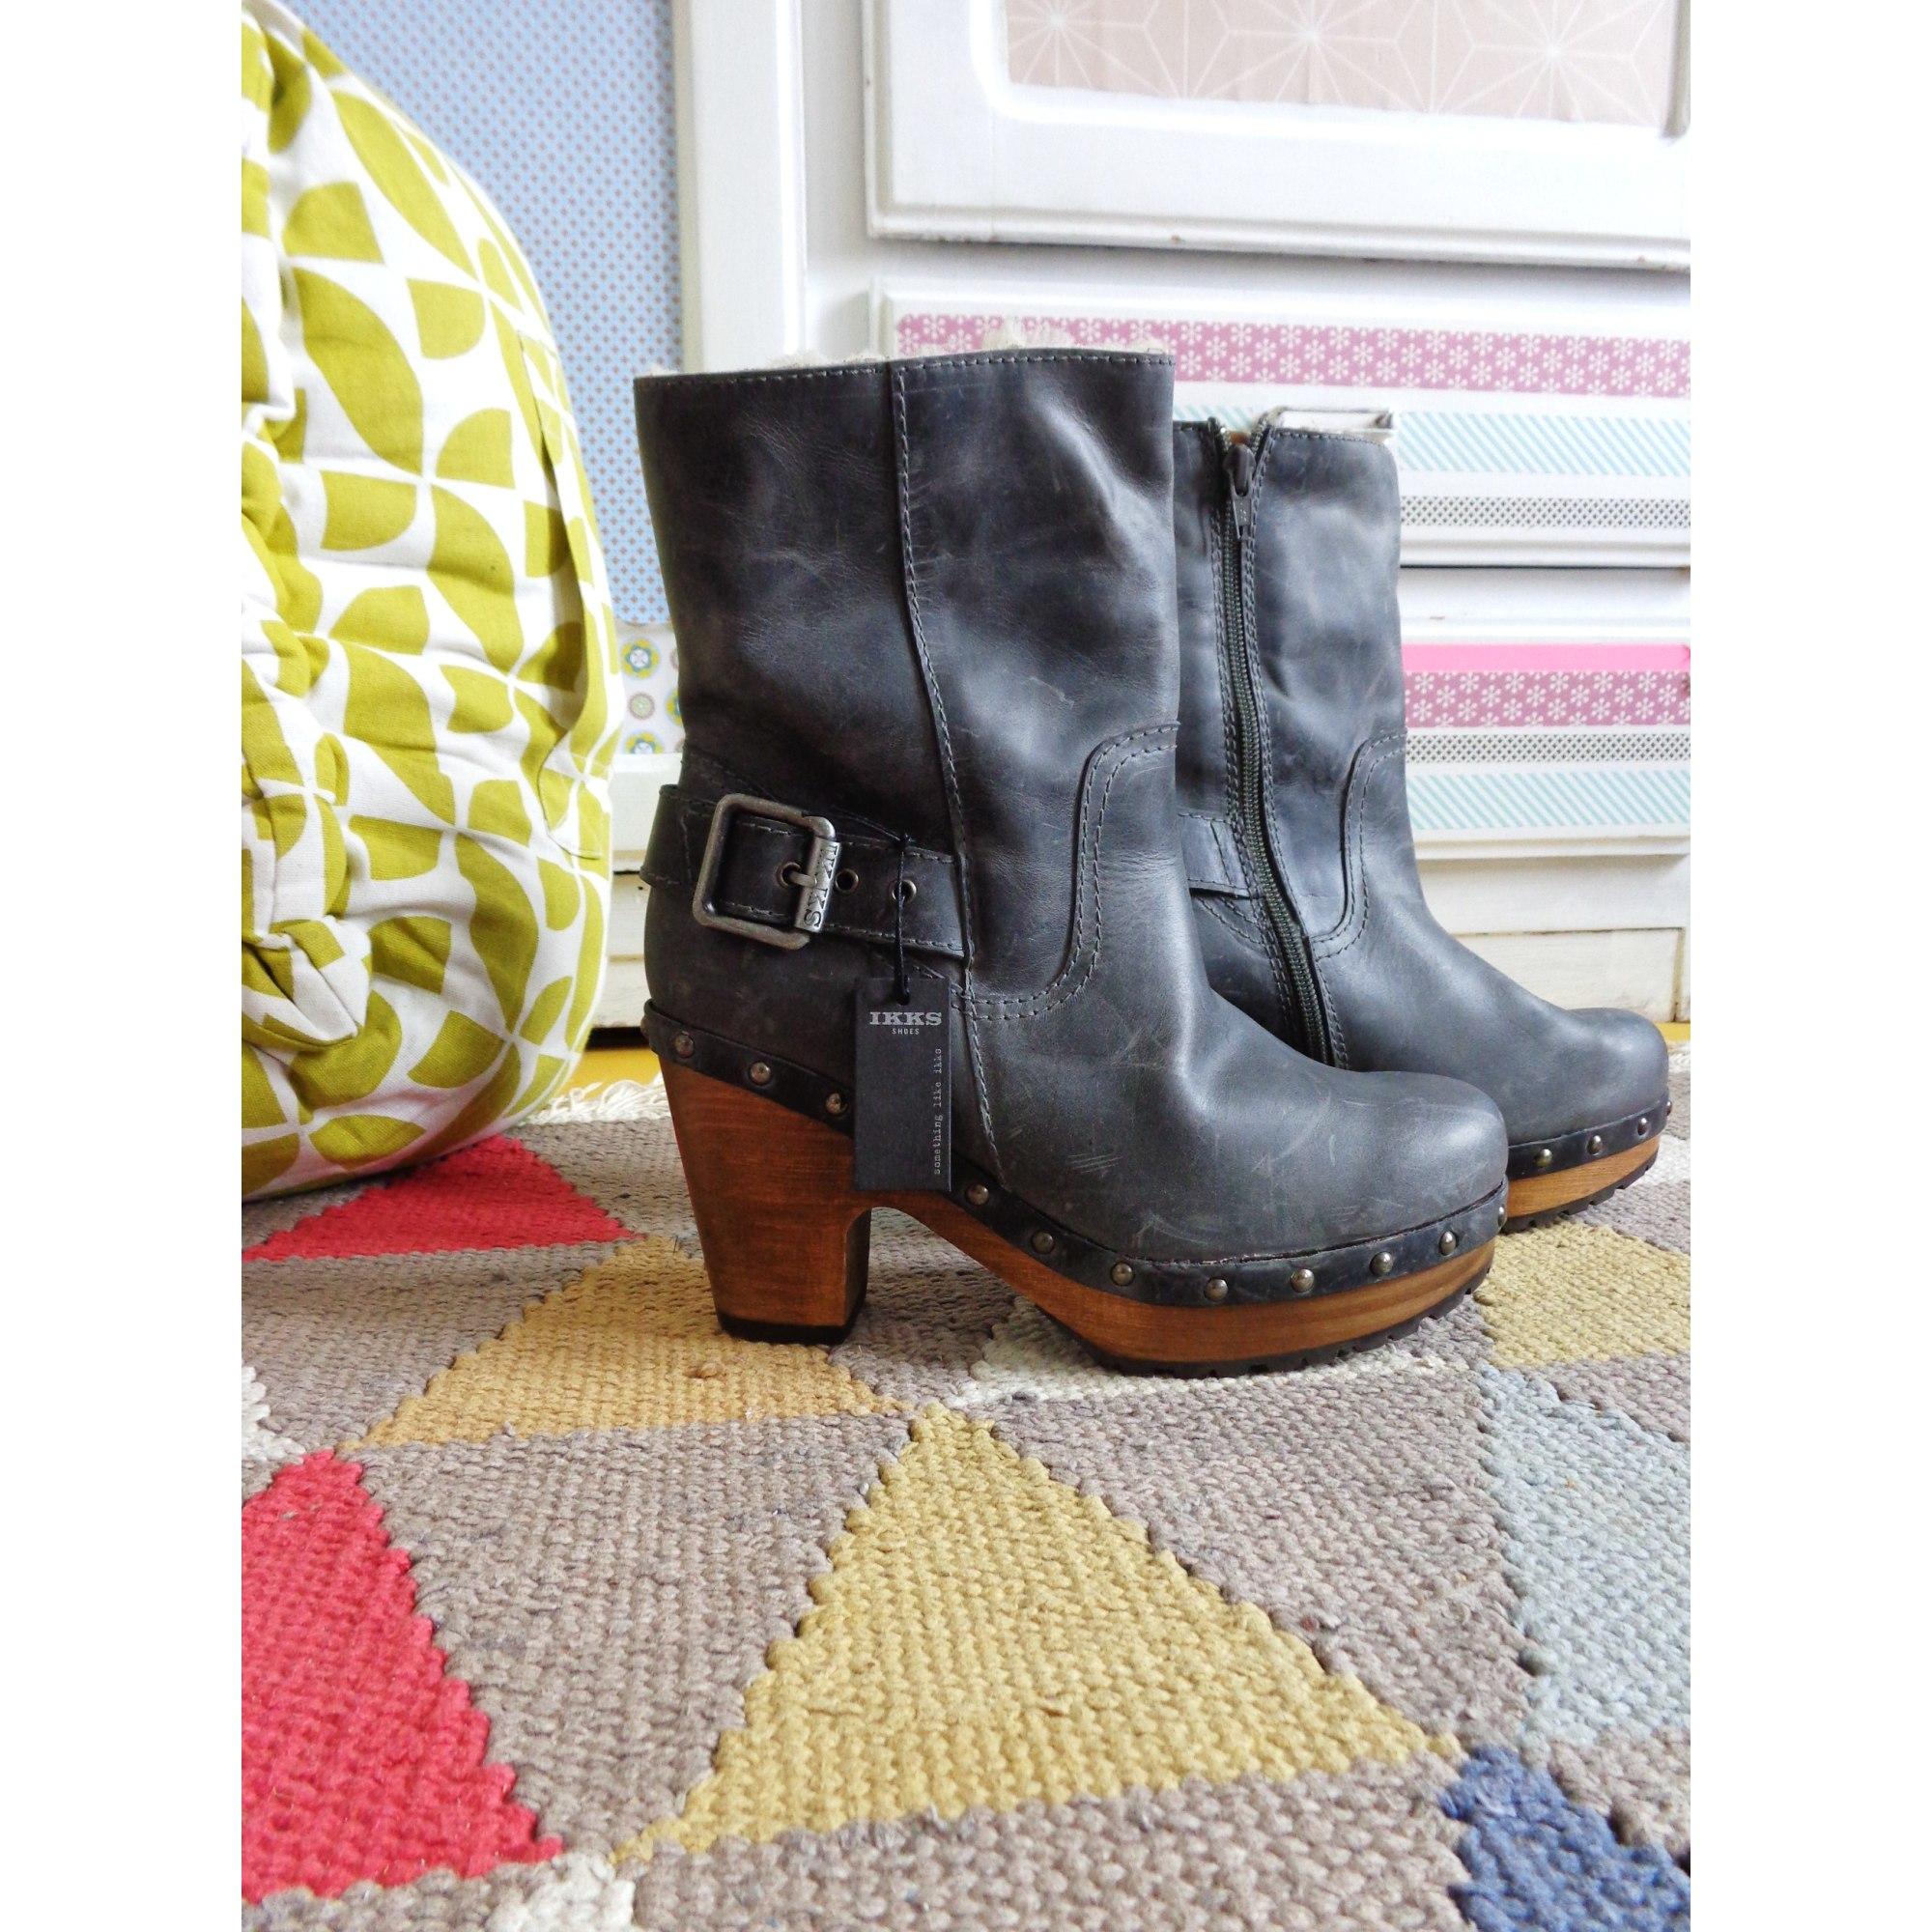 d83debd0202a4e Bottines & low boots à talons IKKS 38 gris - 6636522